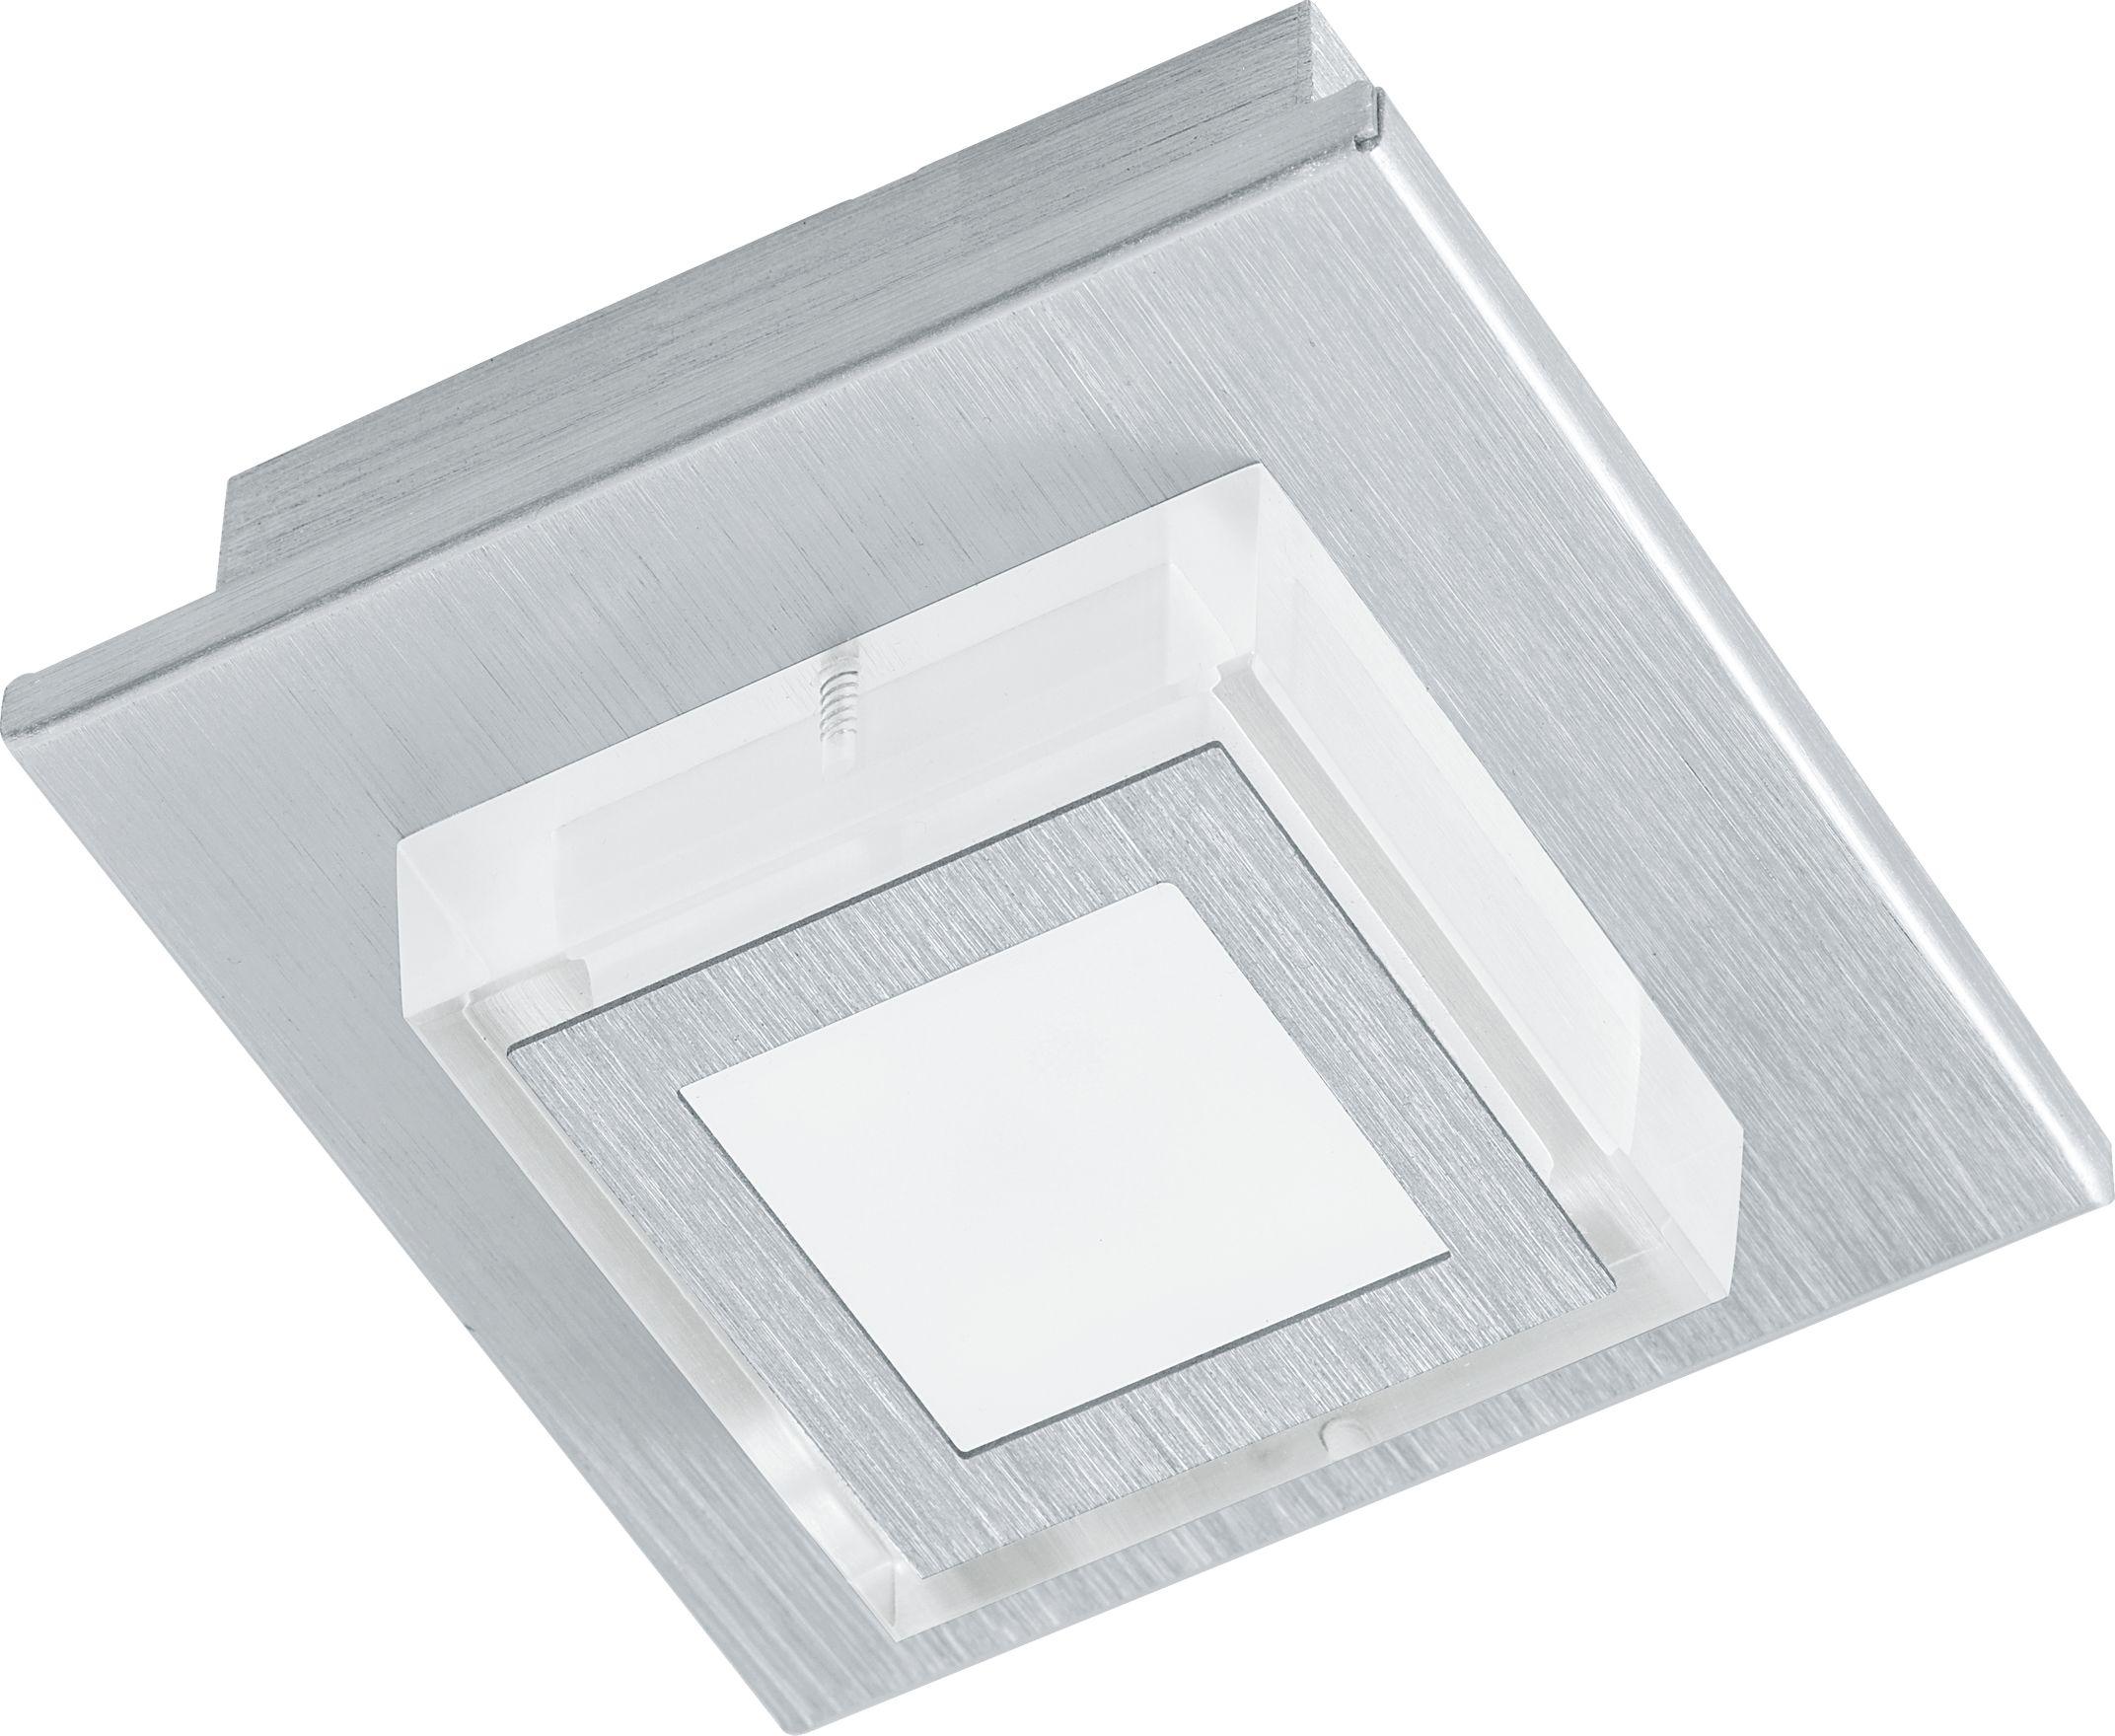 Eglo plafon, lampa sufitowa Masiano LED 94505 - SUPER OFERTA - RABAT w koszyku